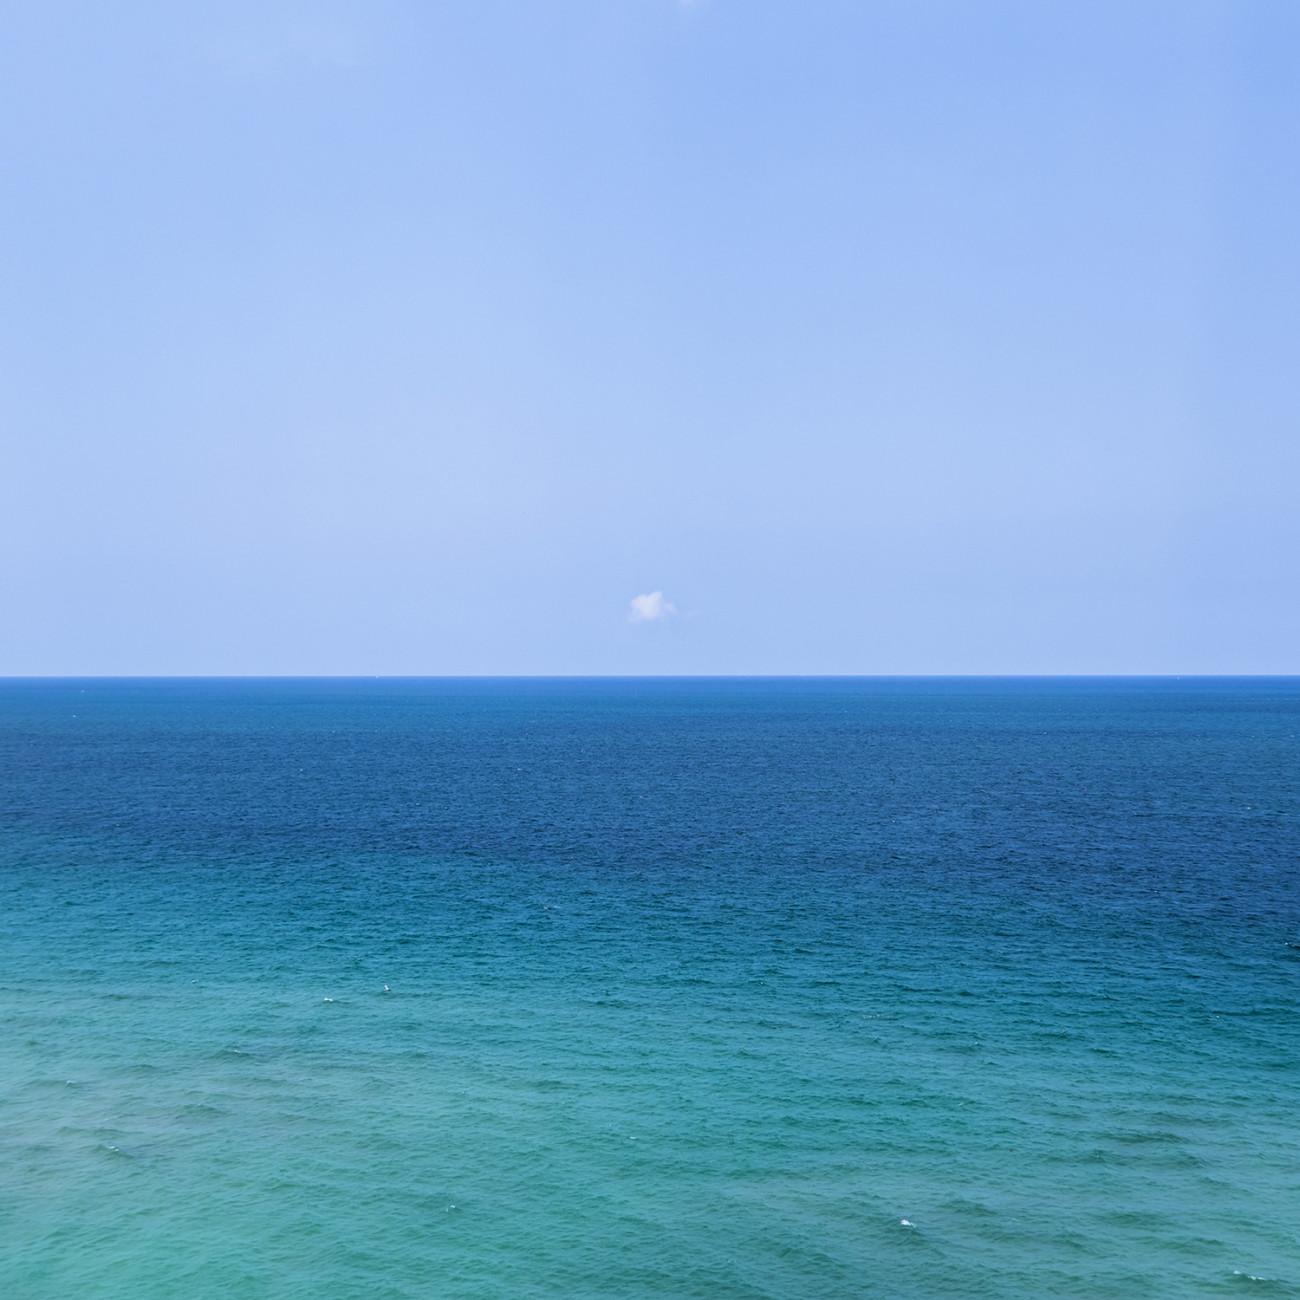 Lone cloud, Atlantic Ocean, 2015